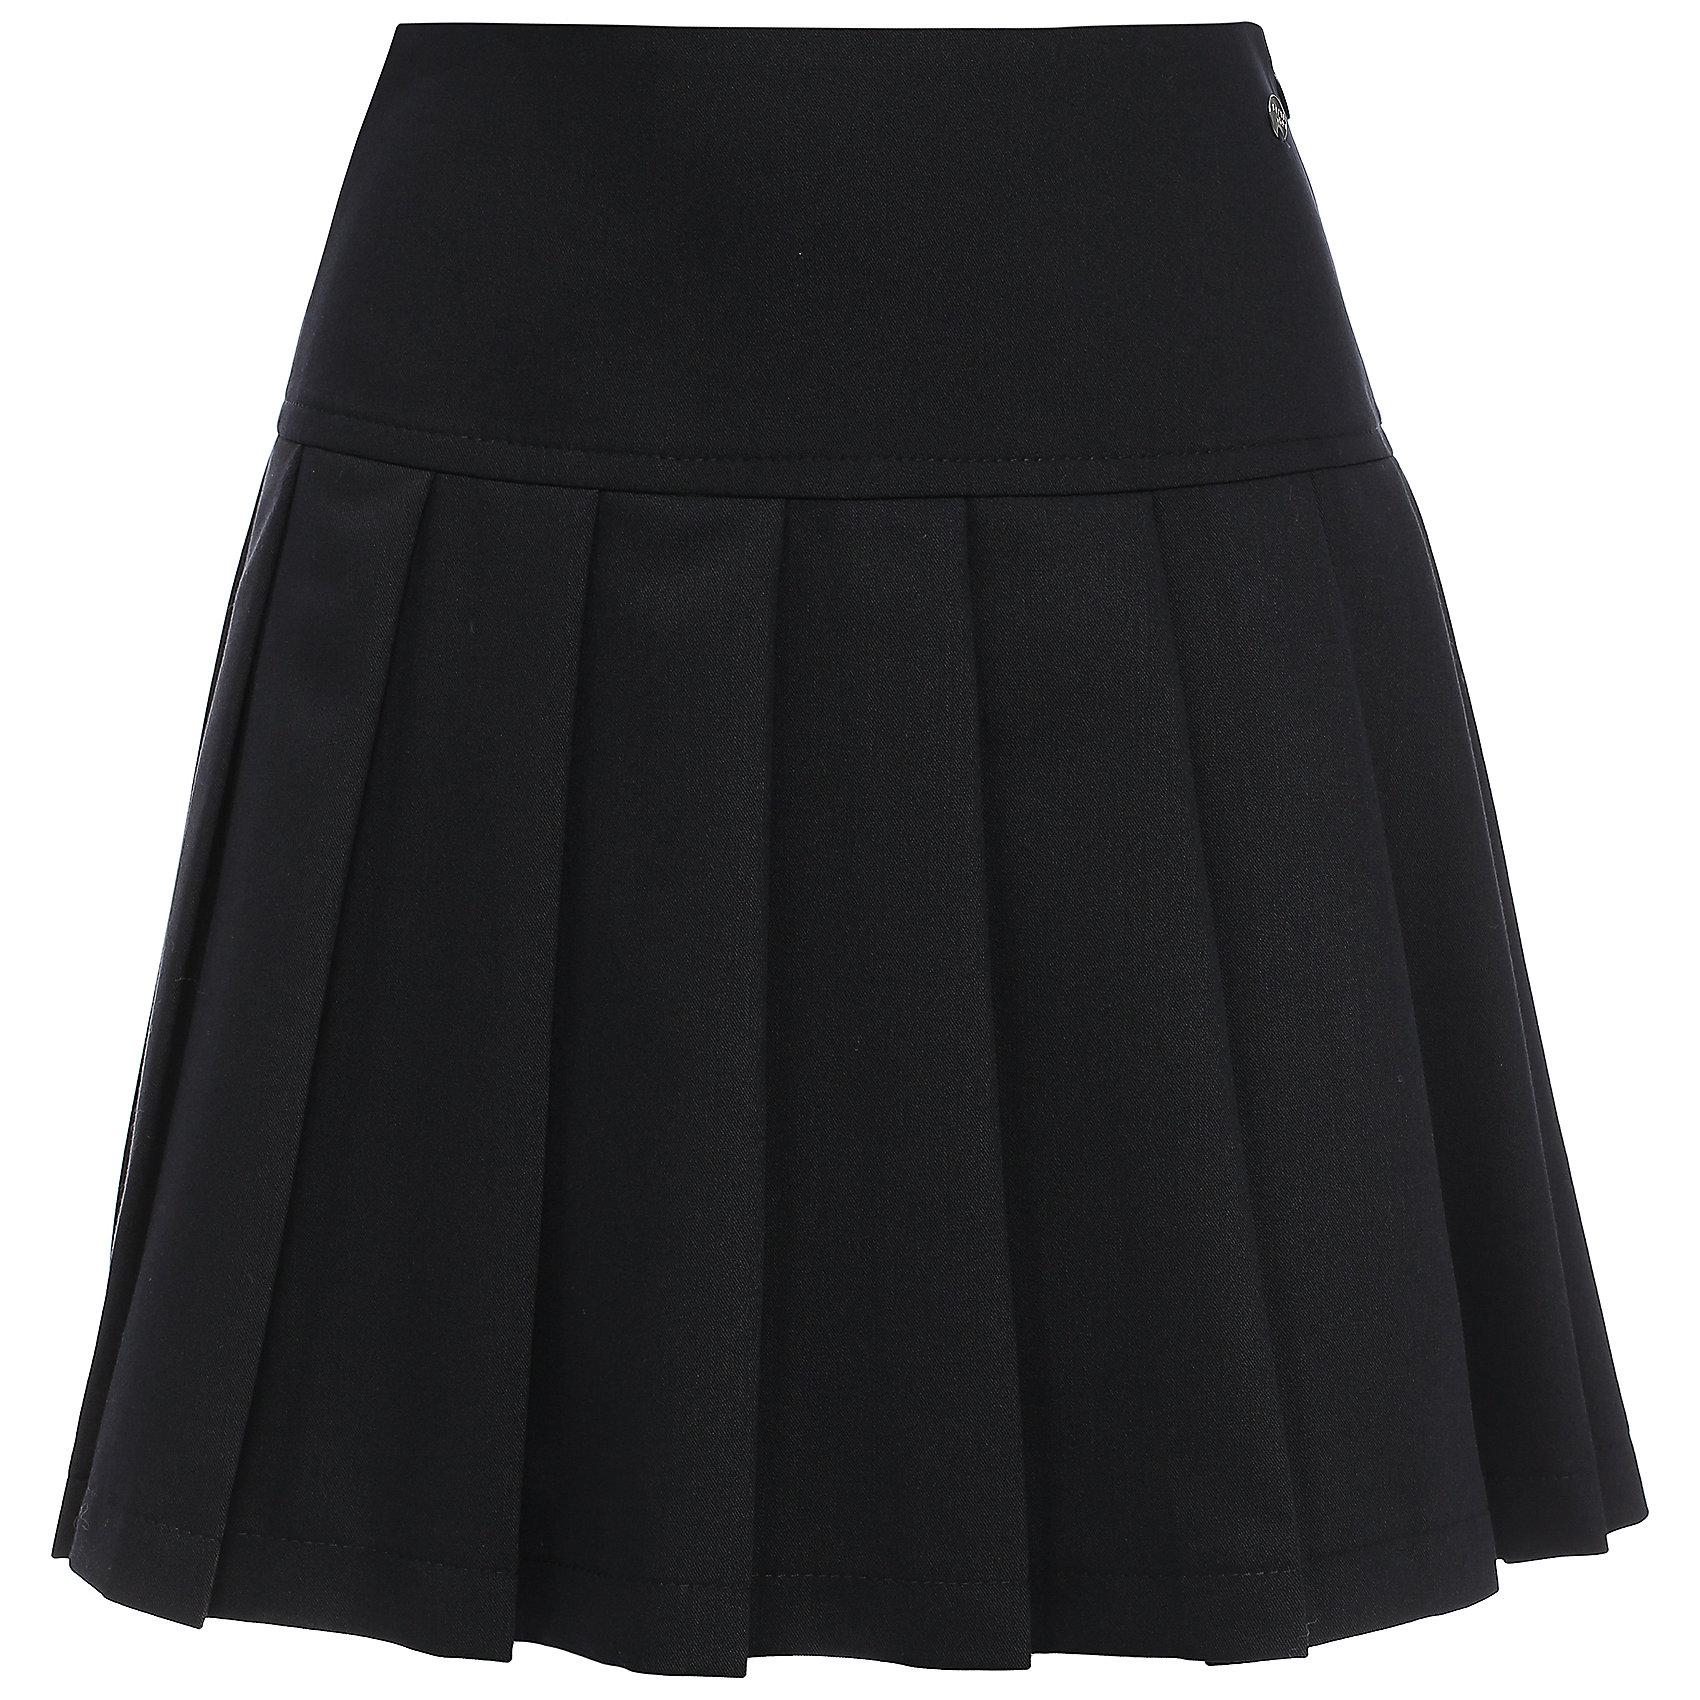 Юбка для девочки Finn FlareЮбки<br>Юбка известной марки Finn Flare.<br><br>Школьная юбка со складками по всей окружности предназначена для повседневной носки, сочетается как с блузами и пиджаками, так и с джемперами. Юбка имеет широкий пояс, боковую молнию, украшена маленькой декоративной пуговицей. <br><br>Фактура материала: Текстильный<br>Вид застежки: Молния<br>Тип карманов: Без карманов<br><br>Состав: 65% полиэстер, 33% вискоза, 2% эластан<br>Подкладка: 100% полиэстер<br><br>Юбку для девочки Finn Flare можно купить в нашем интернет-магазине.<br><br>Ширина мм: 207<br>Глубина мм: 10<br>Высота мм: 189<br>Вес г: 183<br>Цвет: синий<br>Возраст от месяцев: 60<br>Возраст до месяцев: 72<br>Пол: Женский<br>Возраст: Детский<br>Размер: 116,158,152,146,140,134,128,122<br>SKU: 4890140